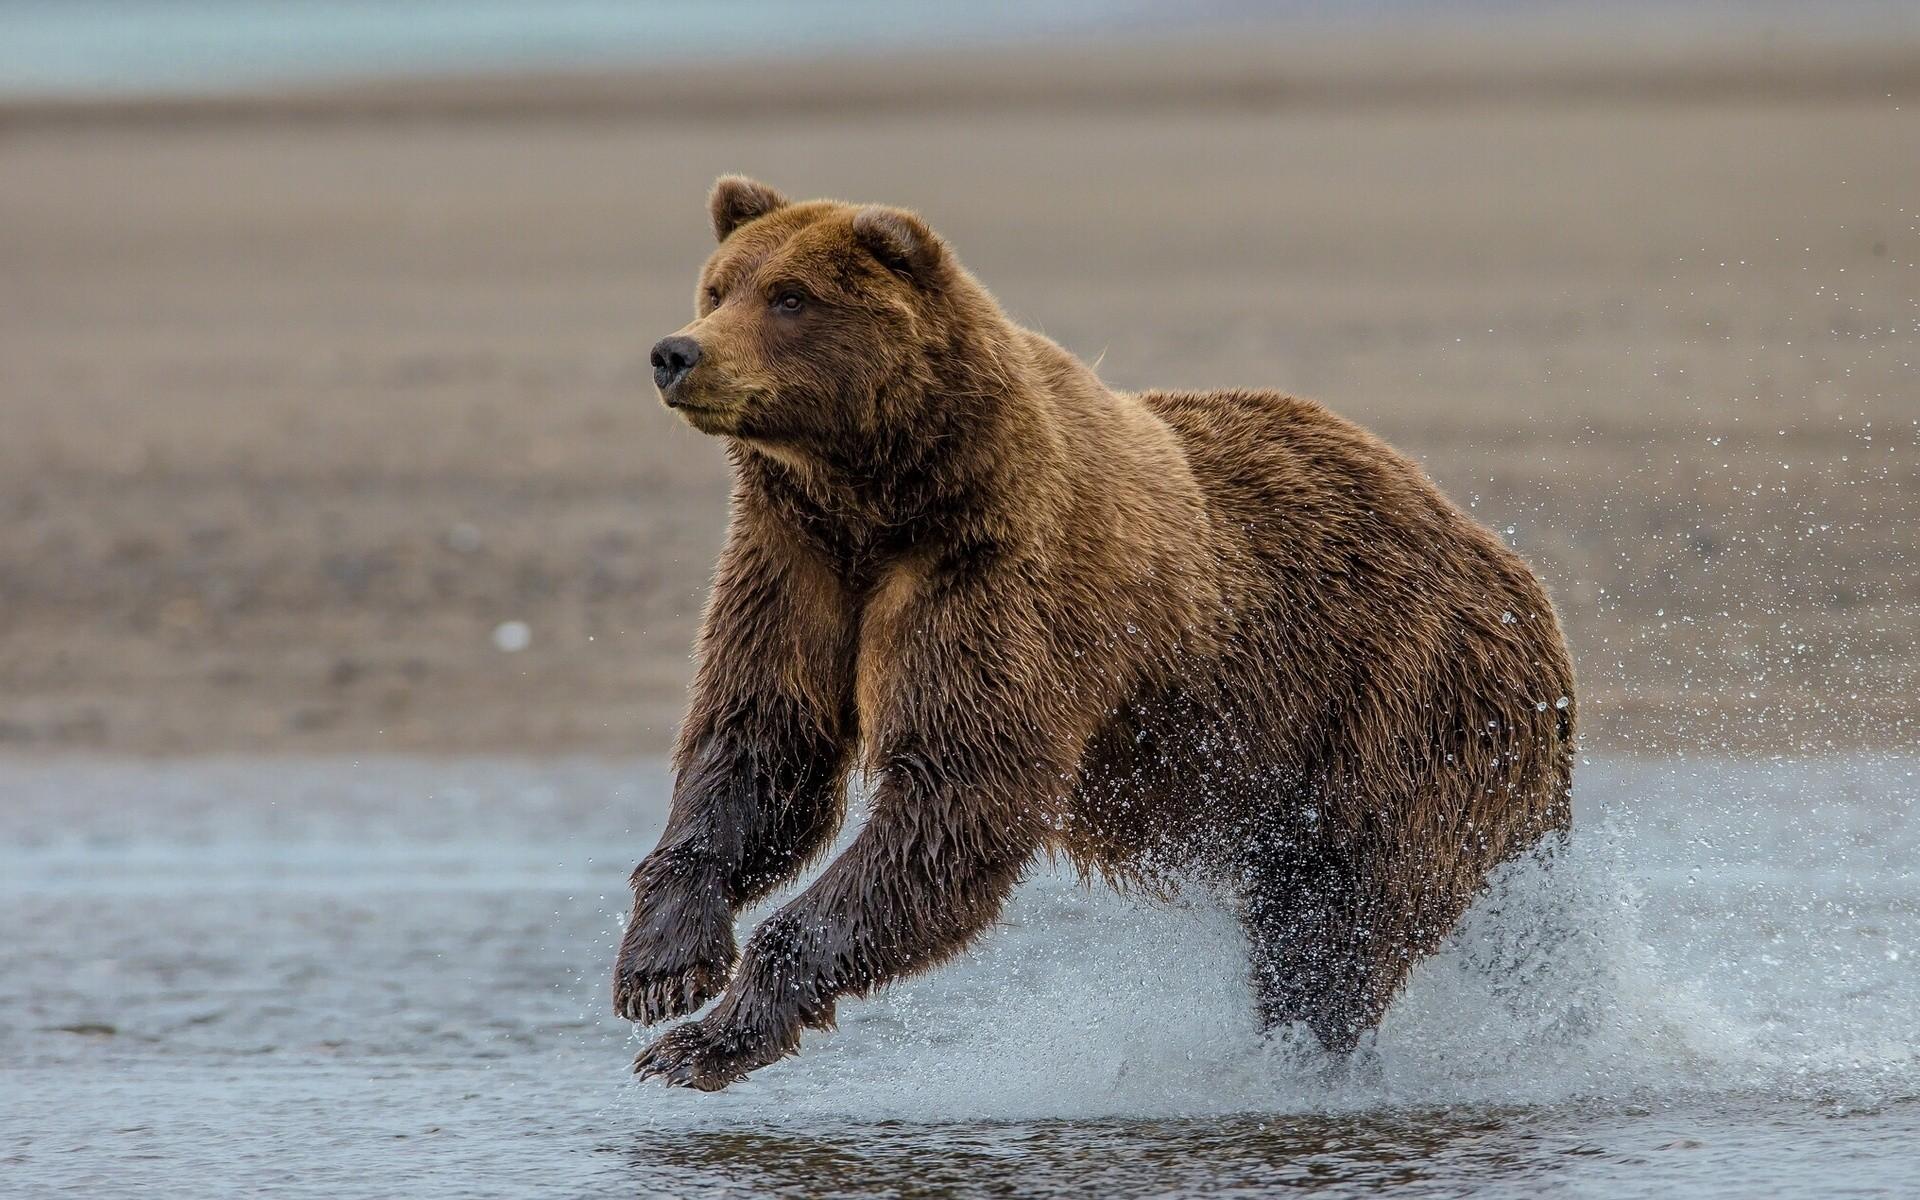 Grizzly bear Lake Clark Alaska wallpaper | .